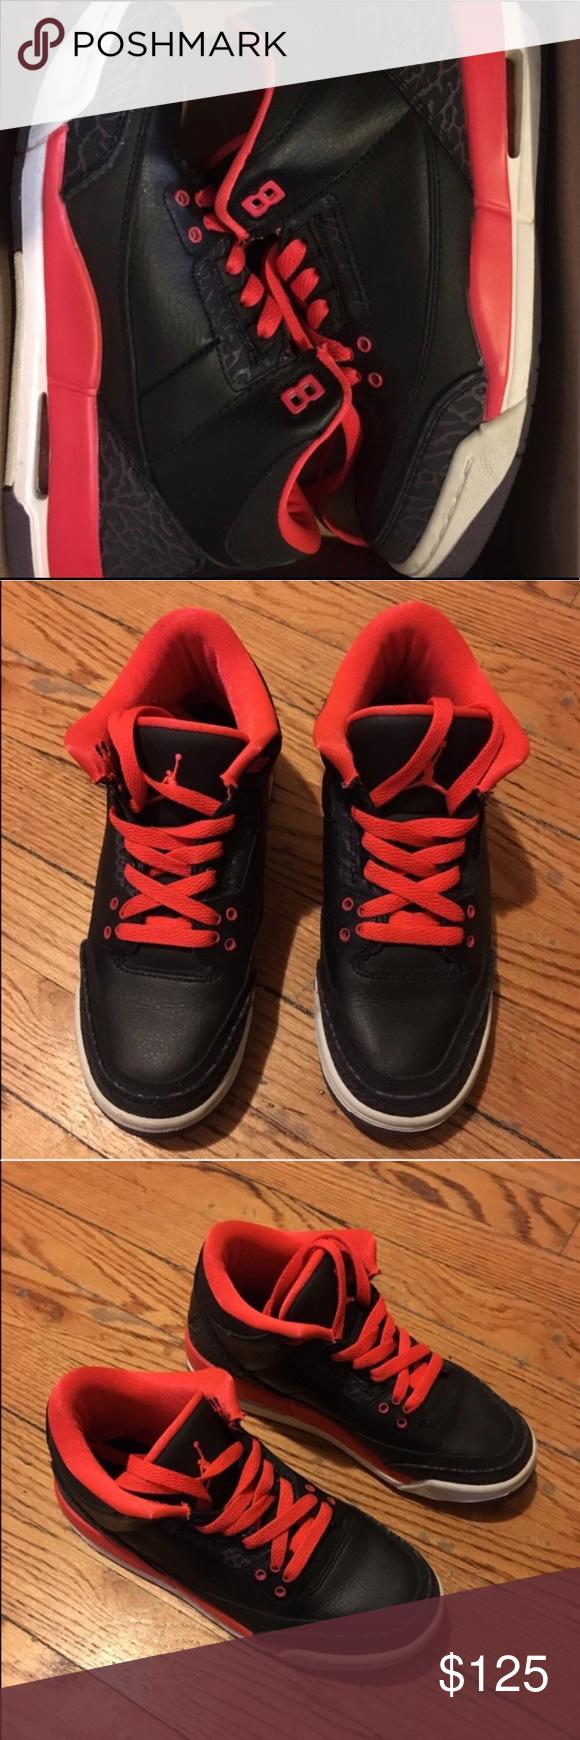 Air Jordan 3 Crimson Gs Sneakers Air jordans, Sneakers